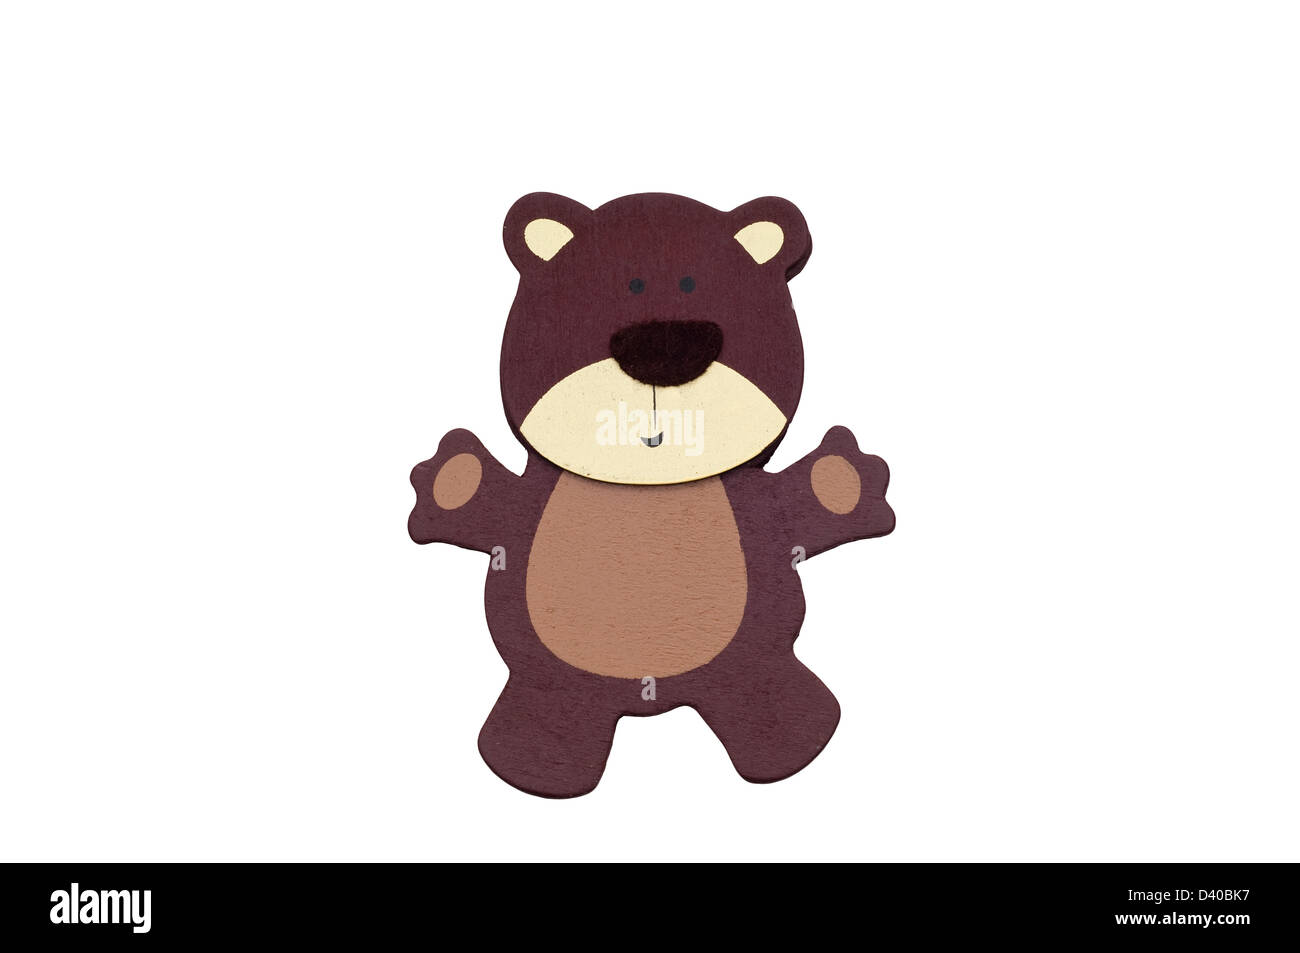 3d'ours brun isolé sur blanc. Photo Stock